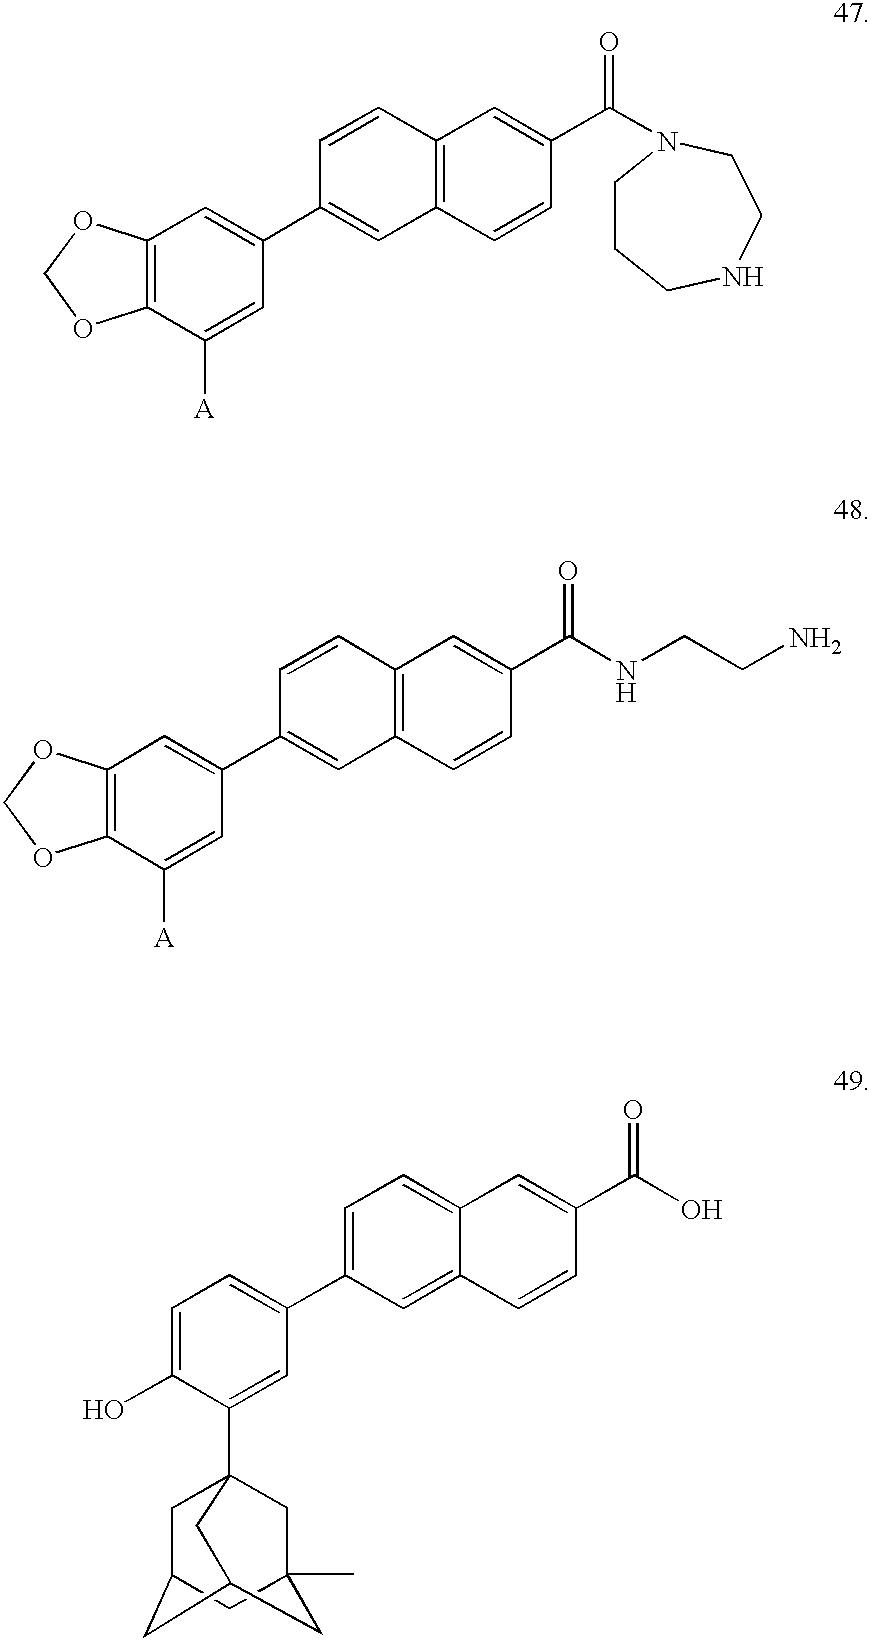 Figure US06462064-20021008-C00034